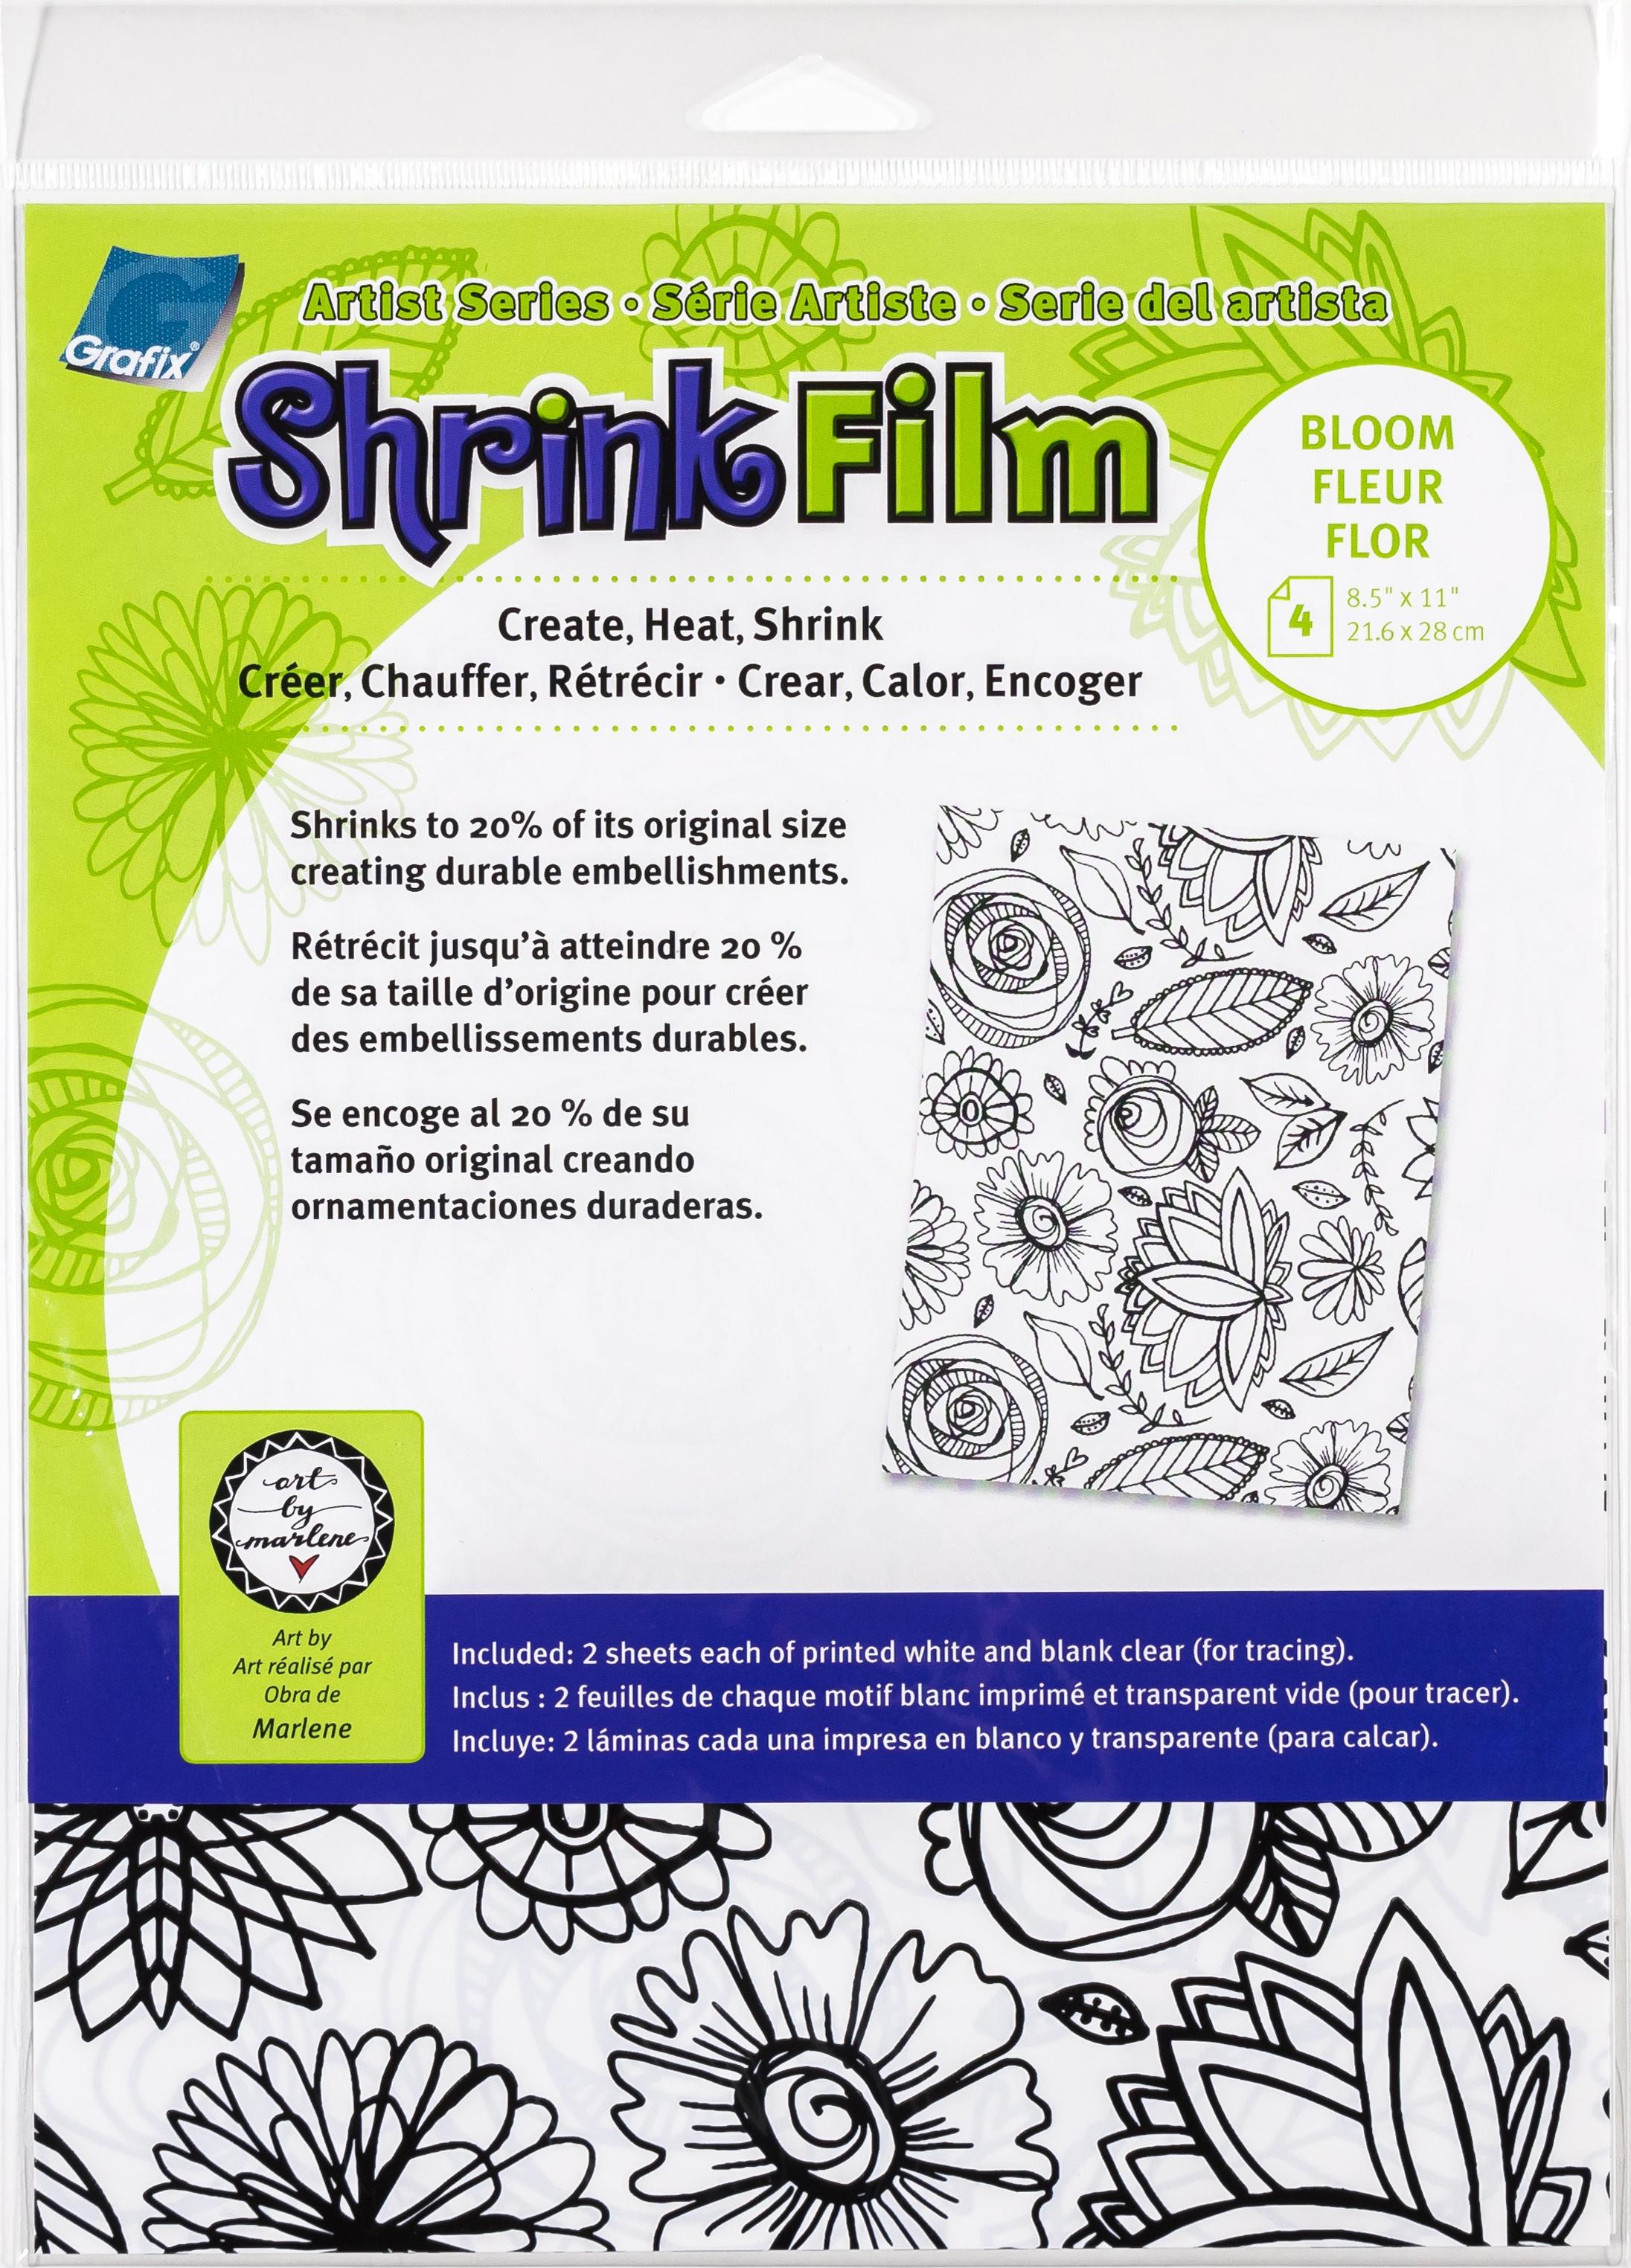 Artist Series Printed & Clear Shrink Film 8.5X11 4/Pkg-Bloom